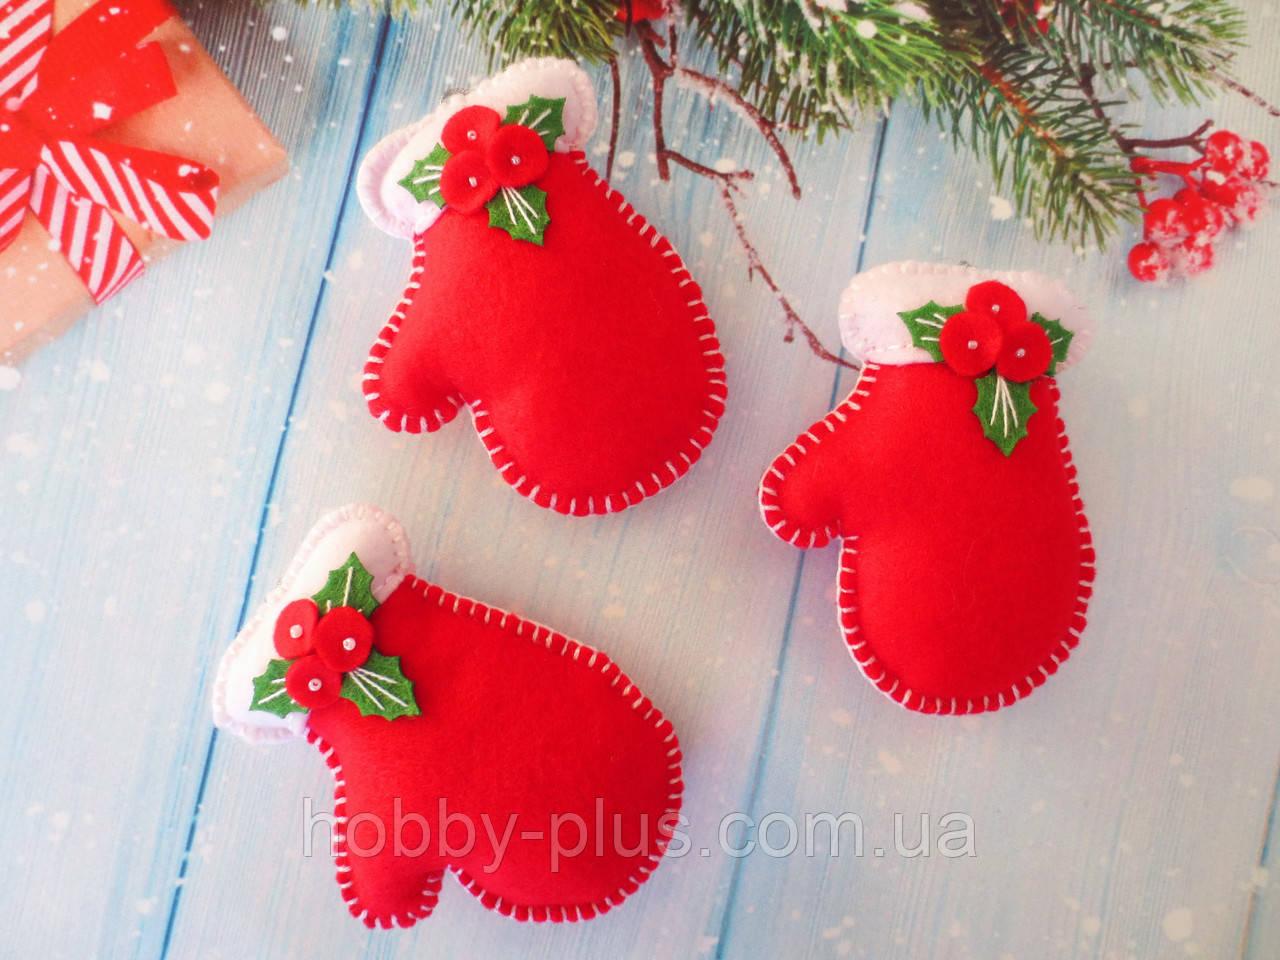 """Новогодние игрушки из фетра """"Варешка"""", цвет красный, 1 шт"""